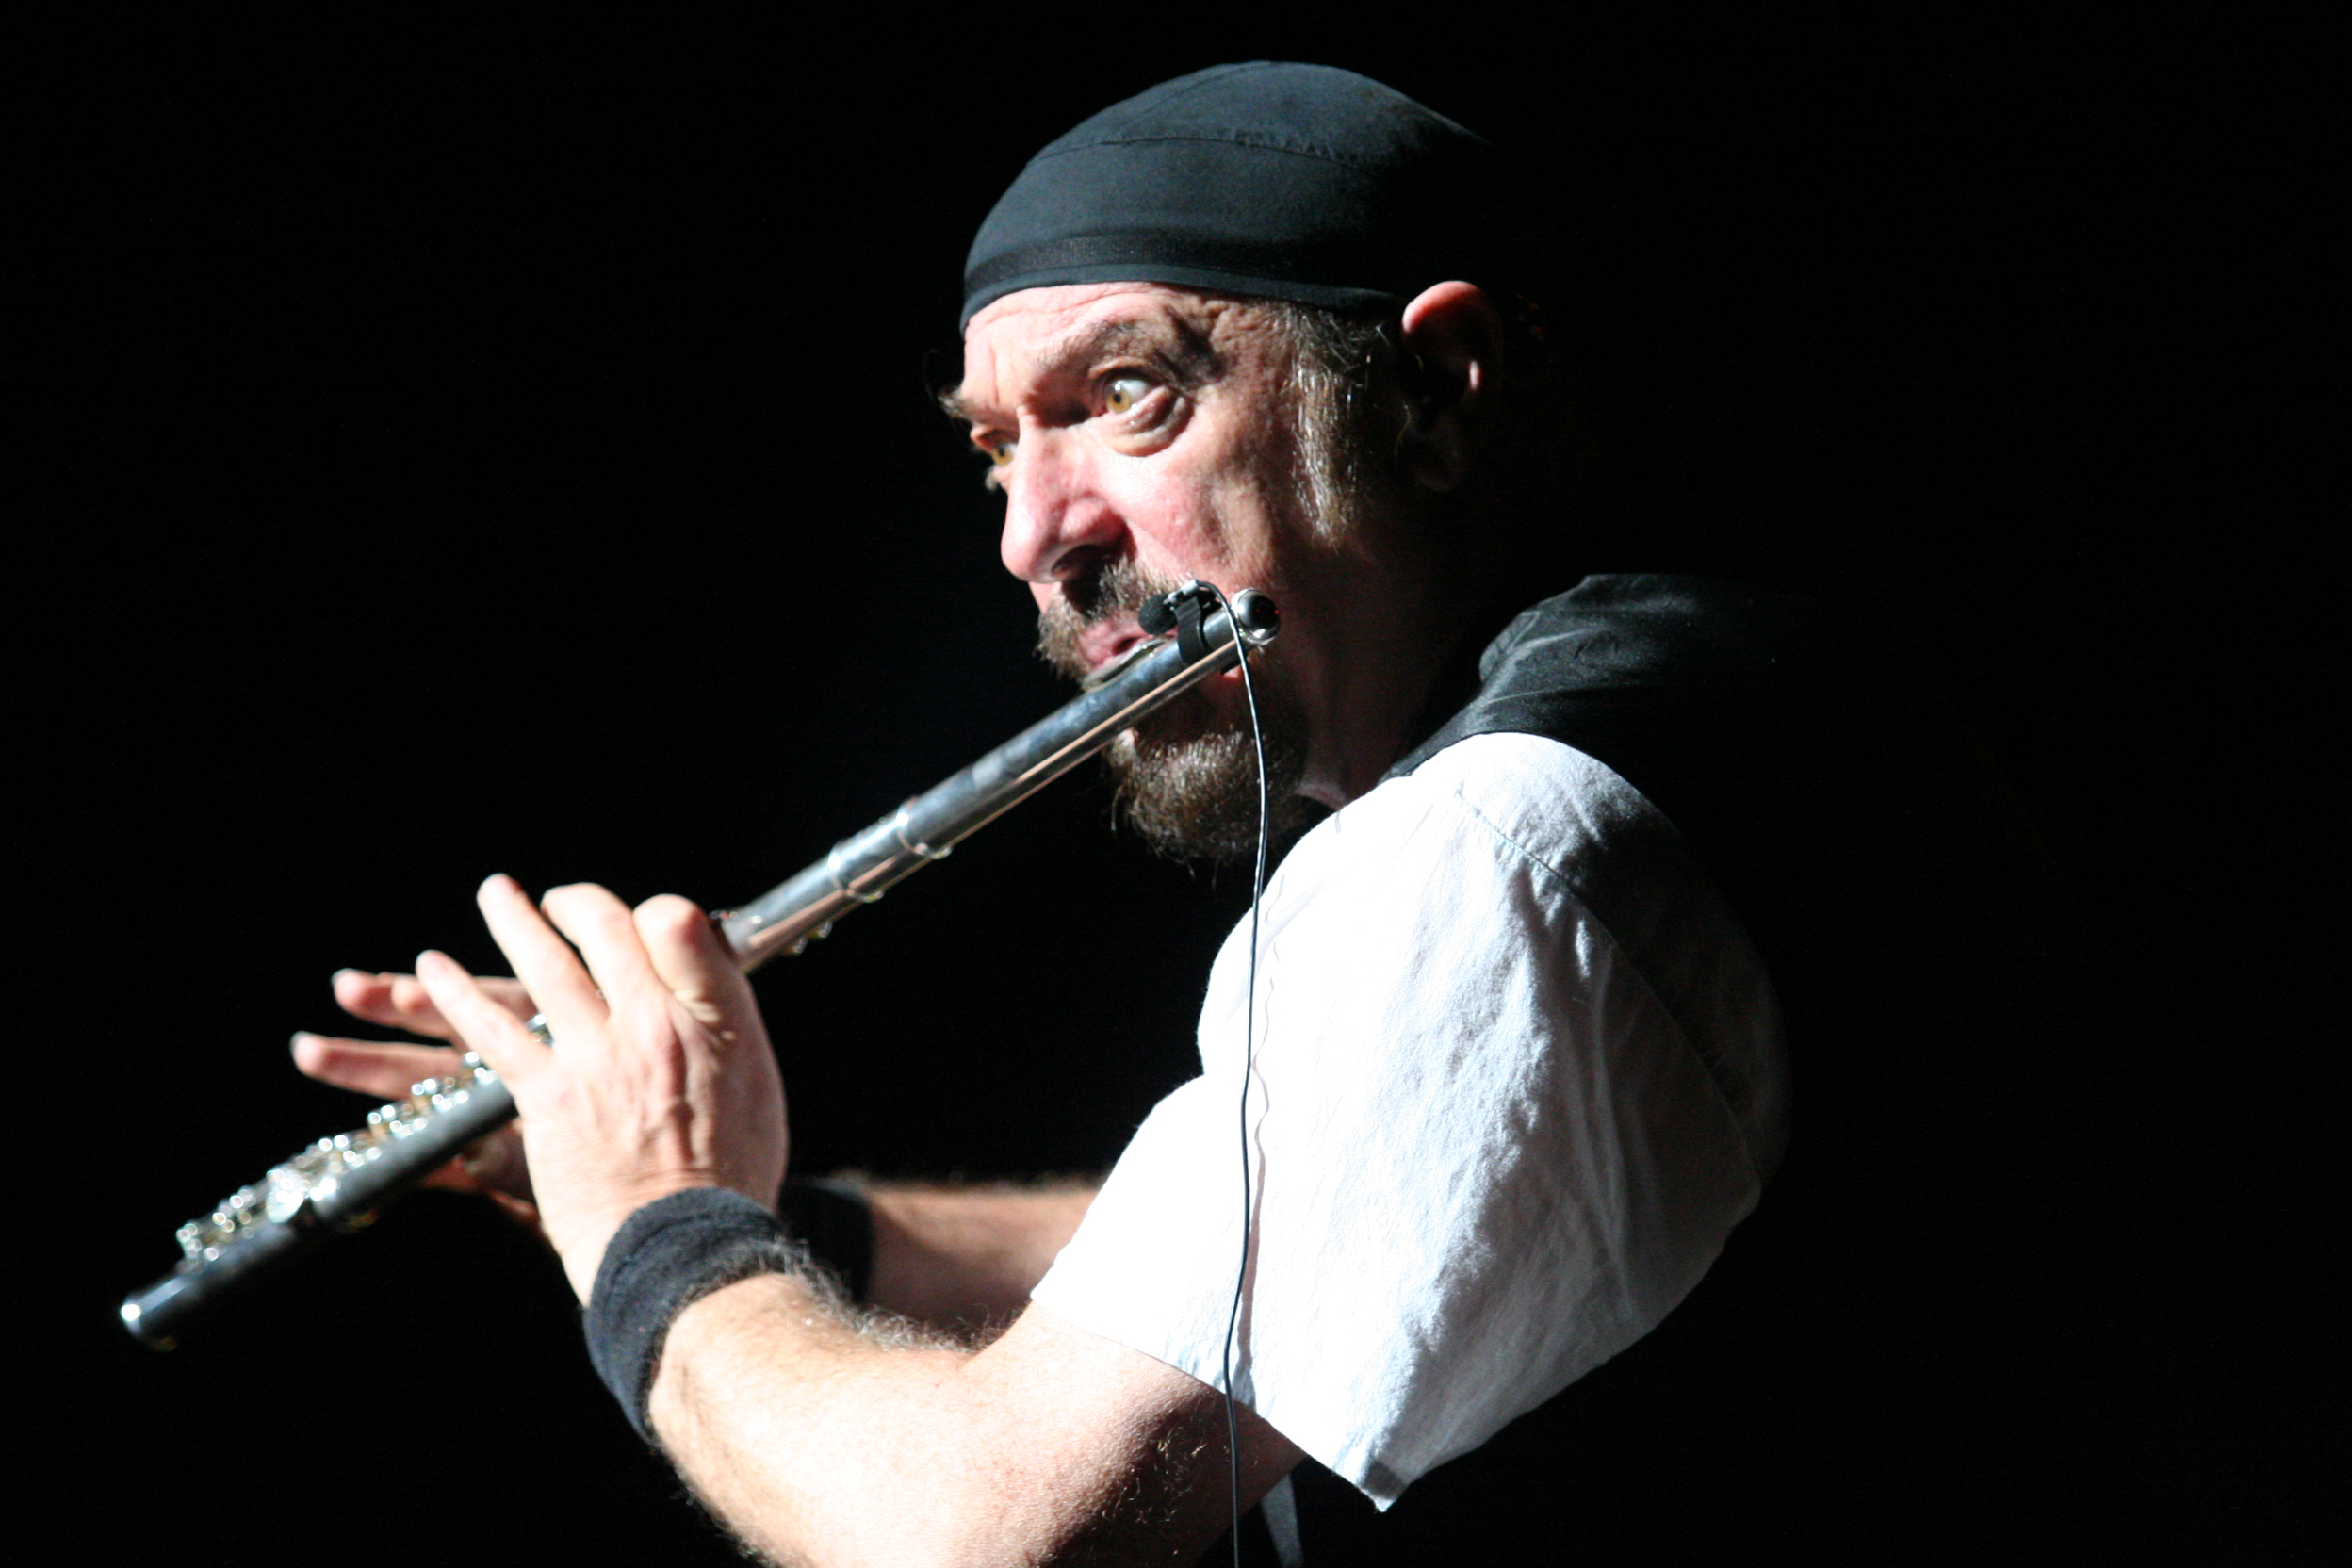 Jethro Tull Tour